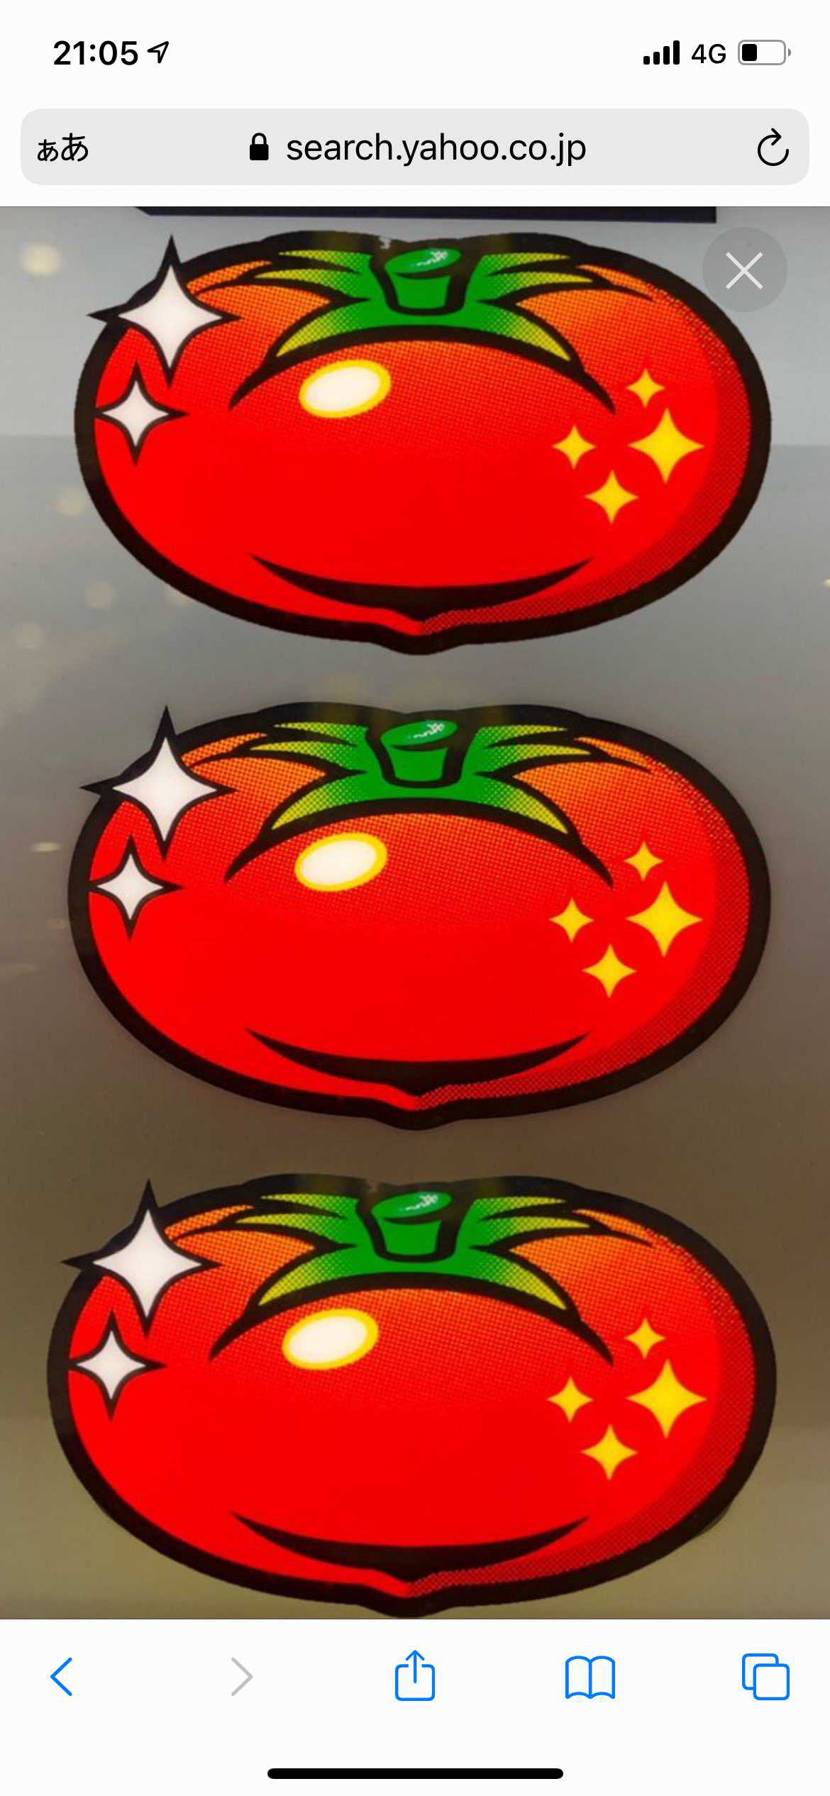 リノのトマトチャンスは皆さん何を狙っていますか?